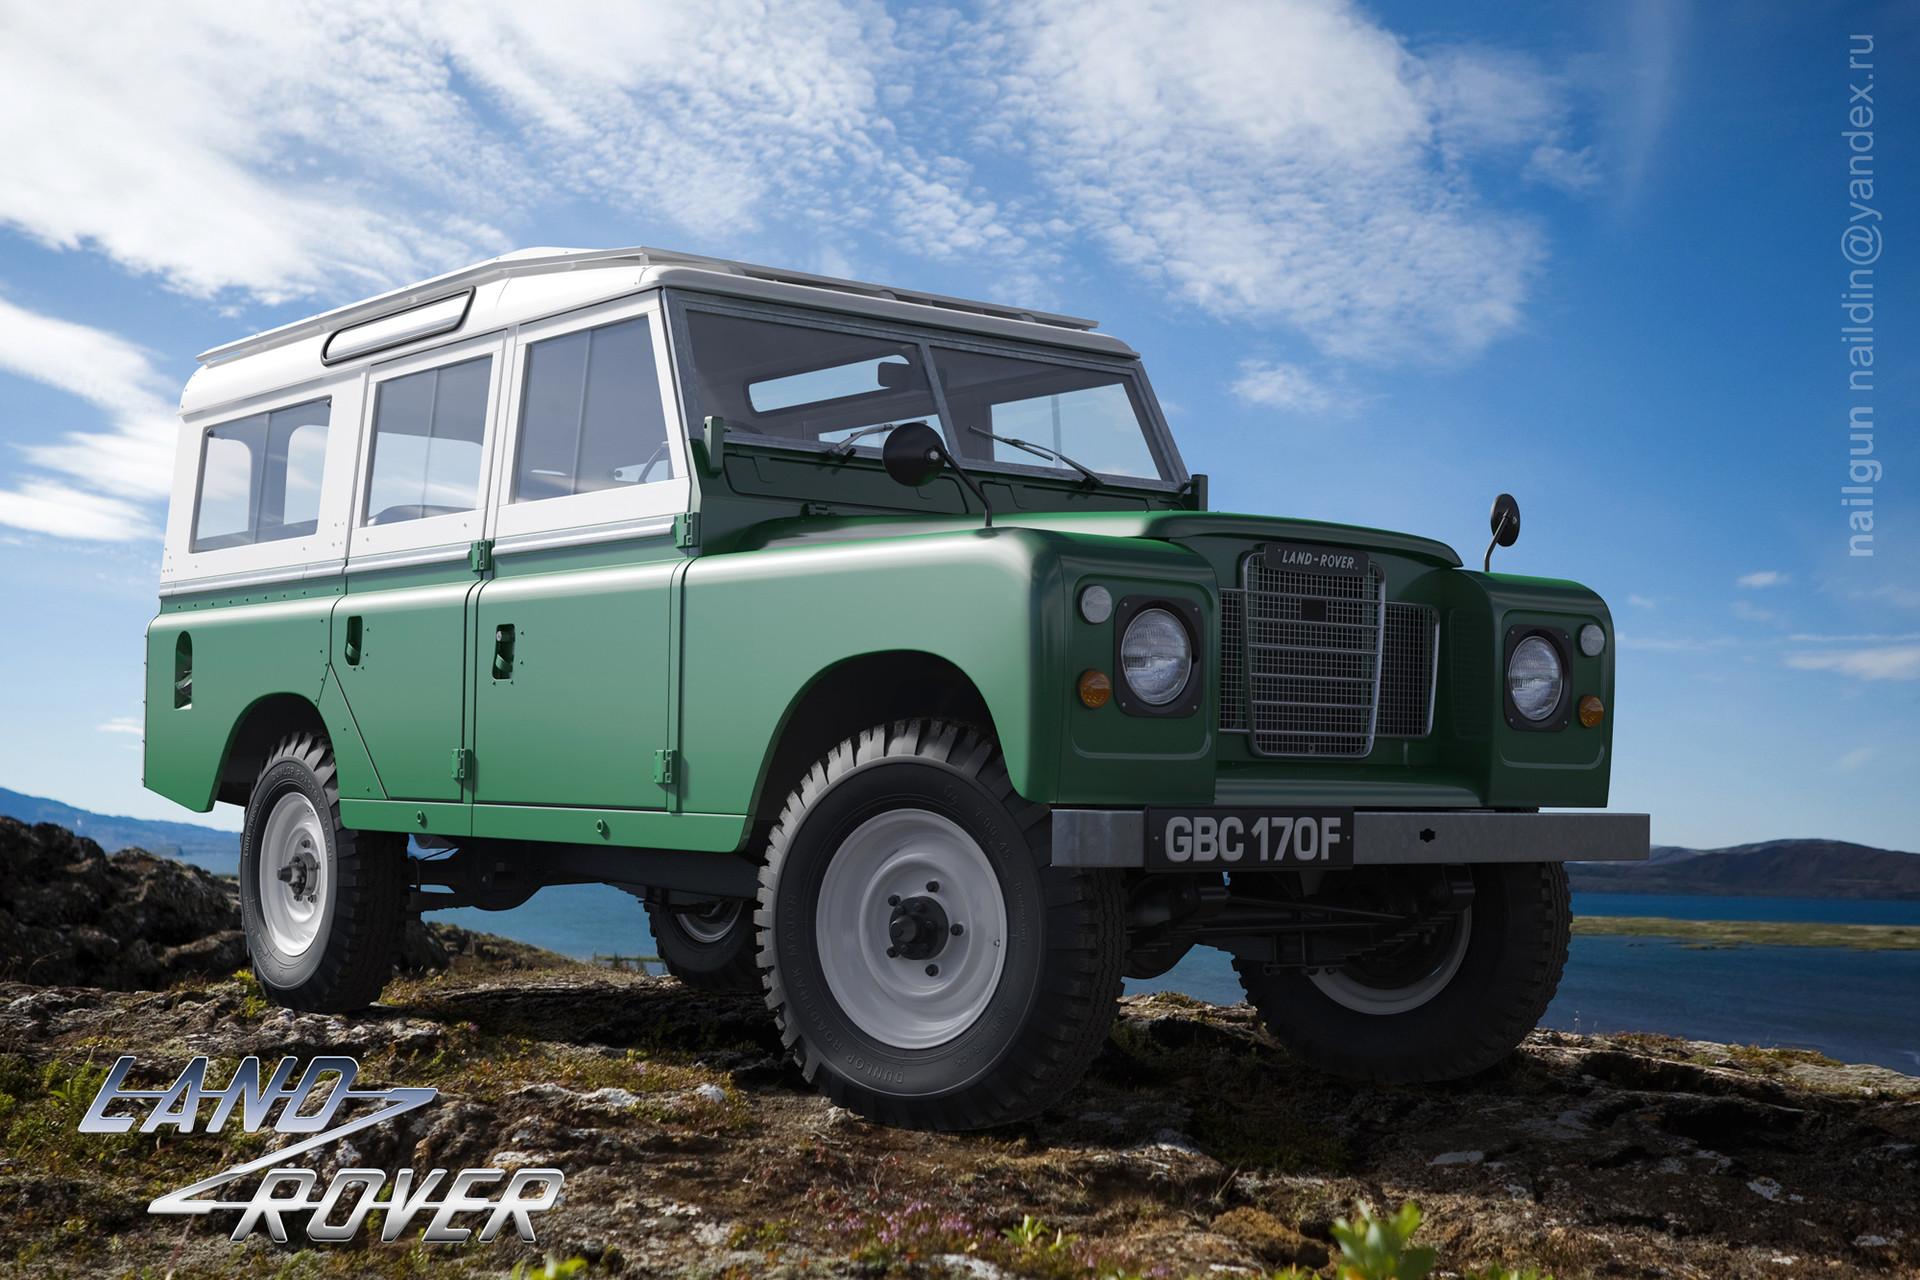 Nail khusnutdinov pwc 009 011 land rover central page